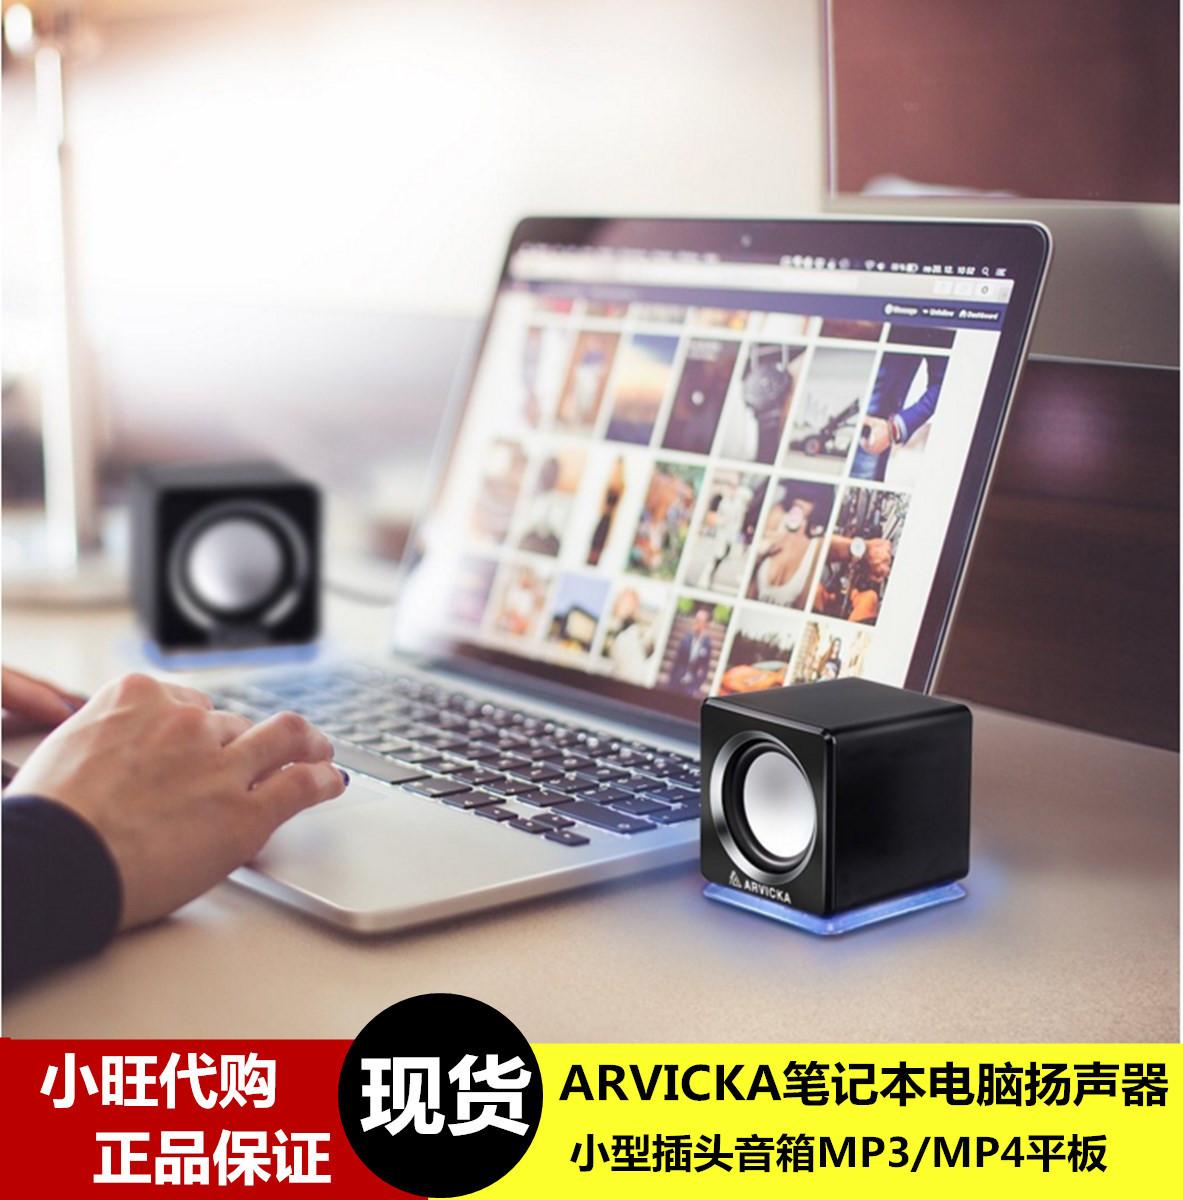 日本代购正品笔记本电脑扬声器USB立体声小型插头音箱MP3/MP4平板